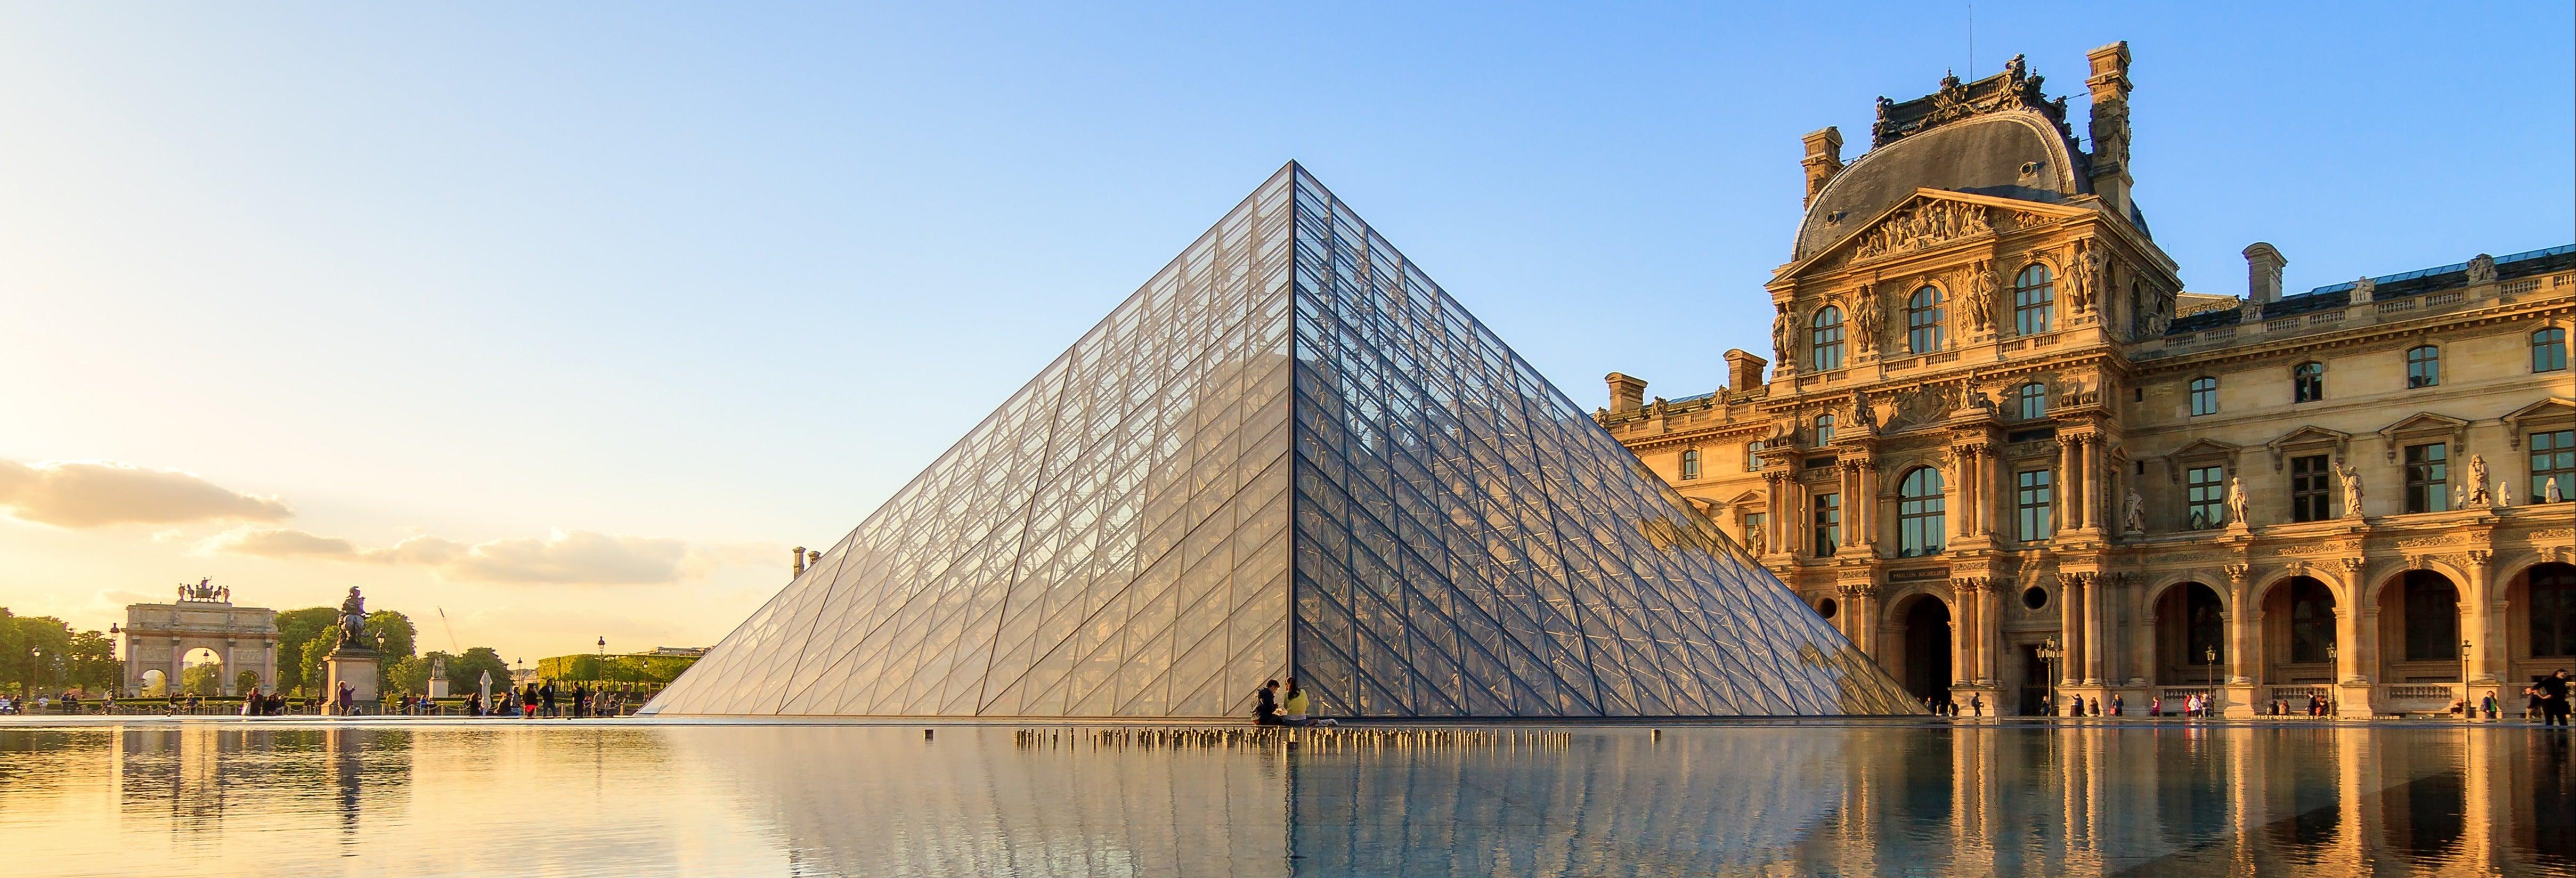 Entrada al Museo del Louvre sin colas